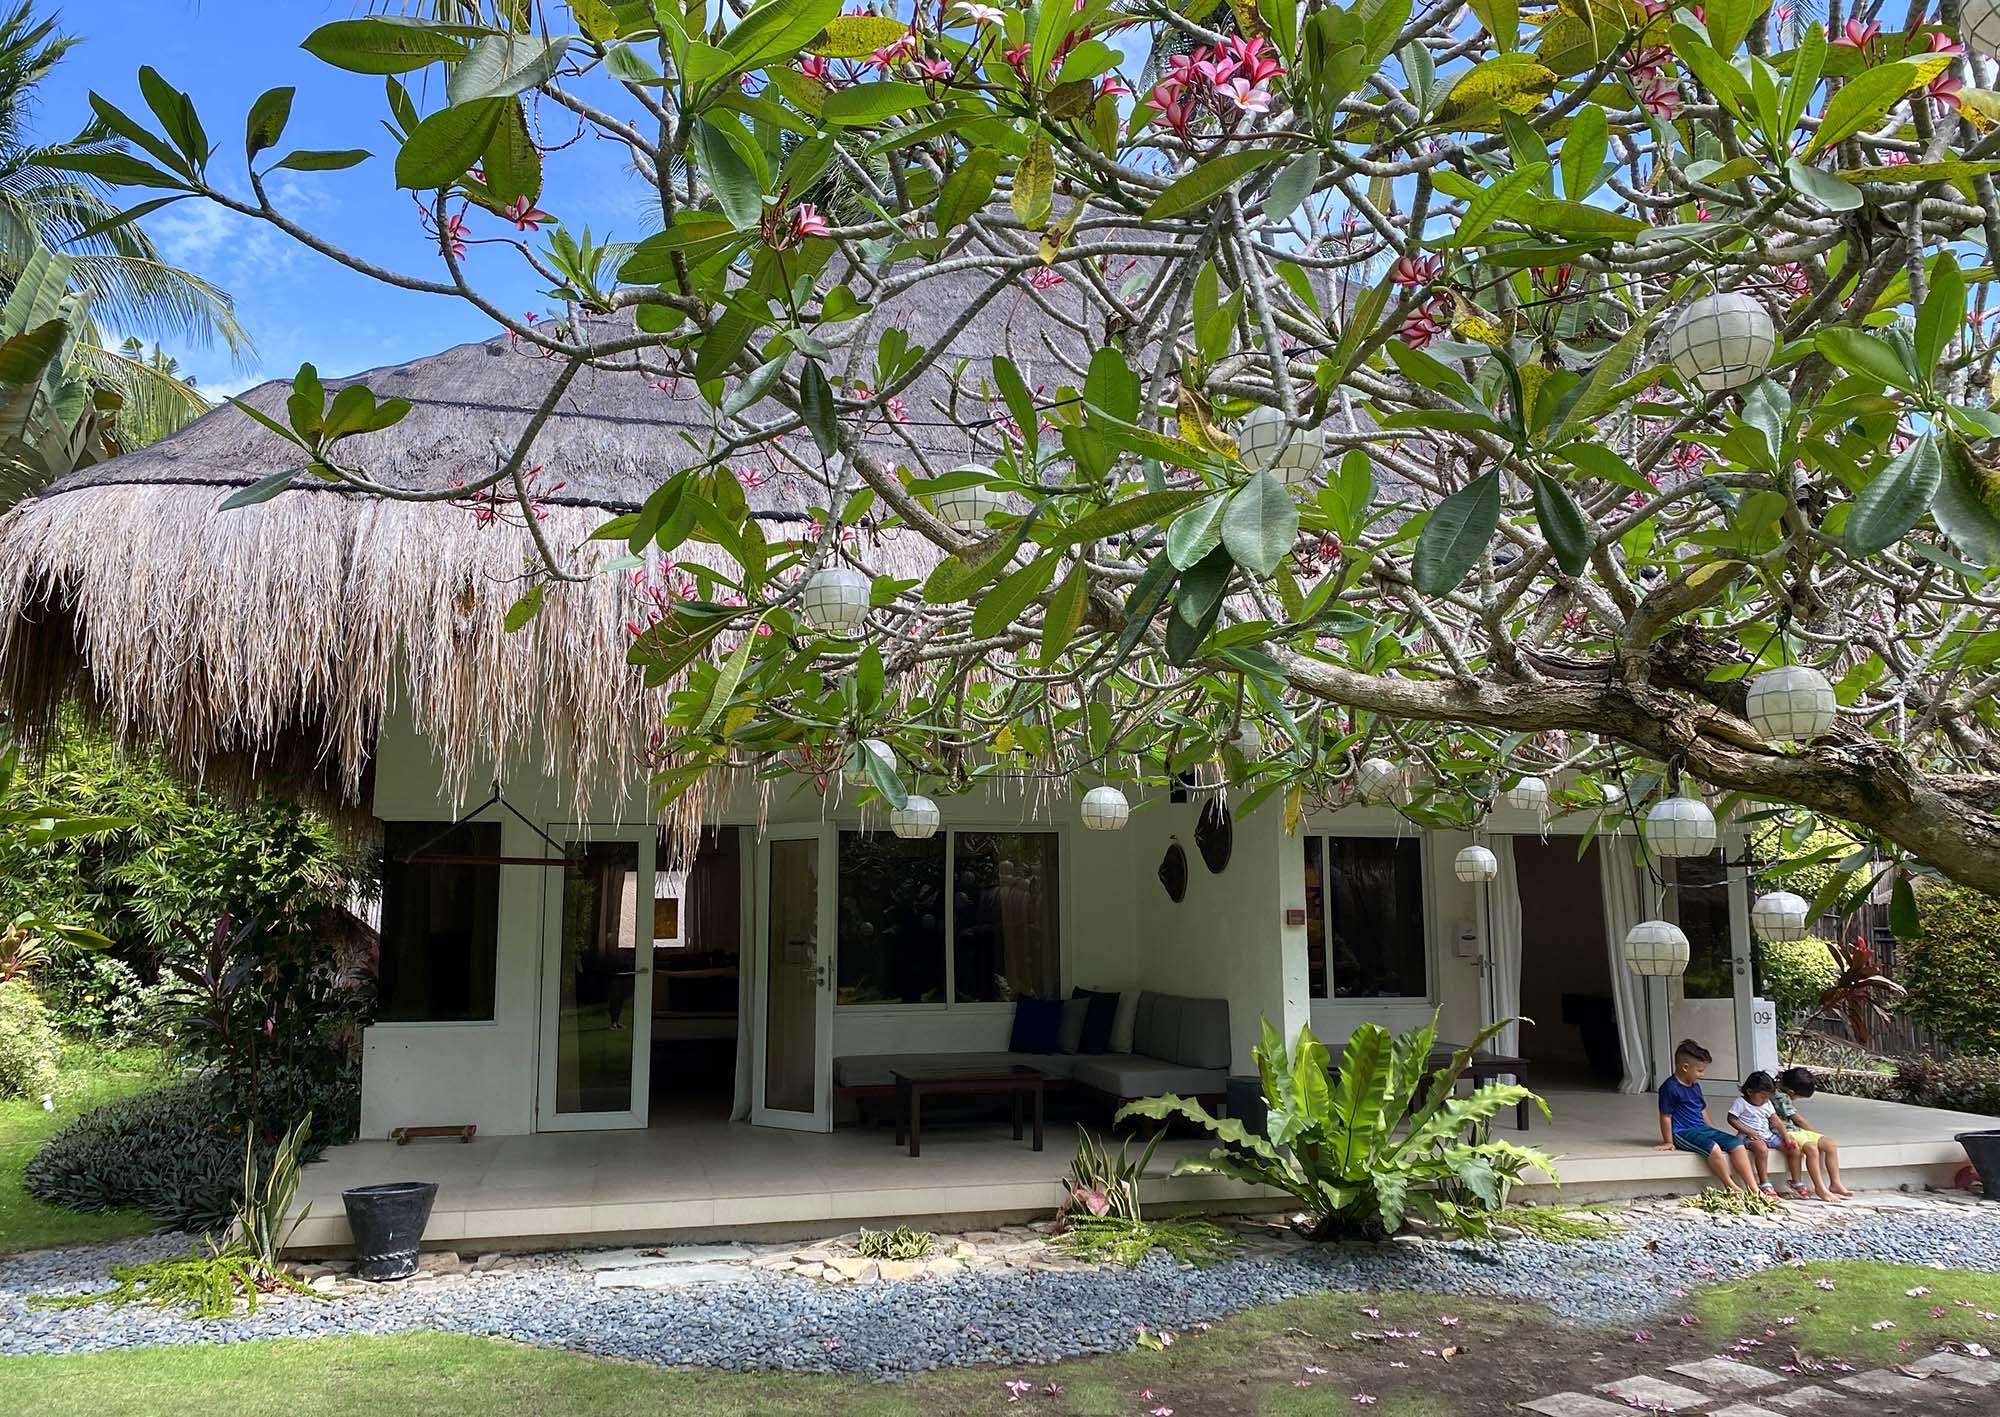 Duplex Family Suite exterior at Atmosphere in Dumaguete, Philippines